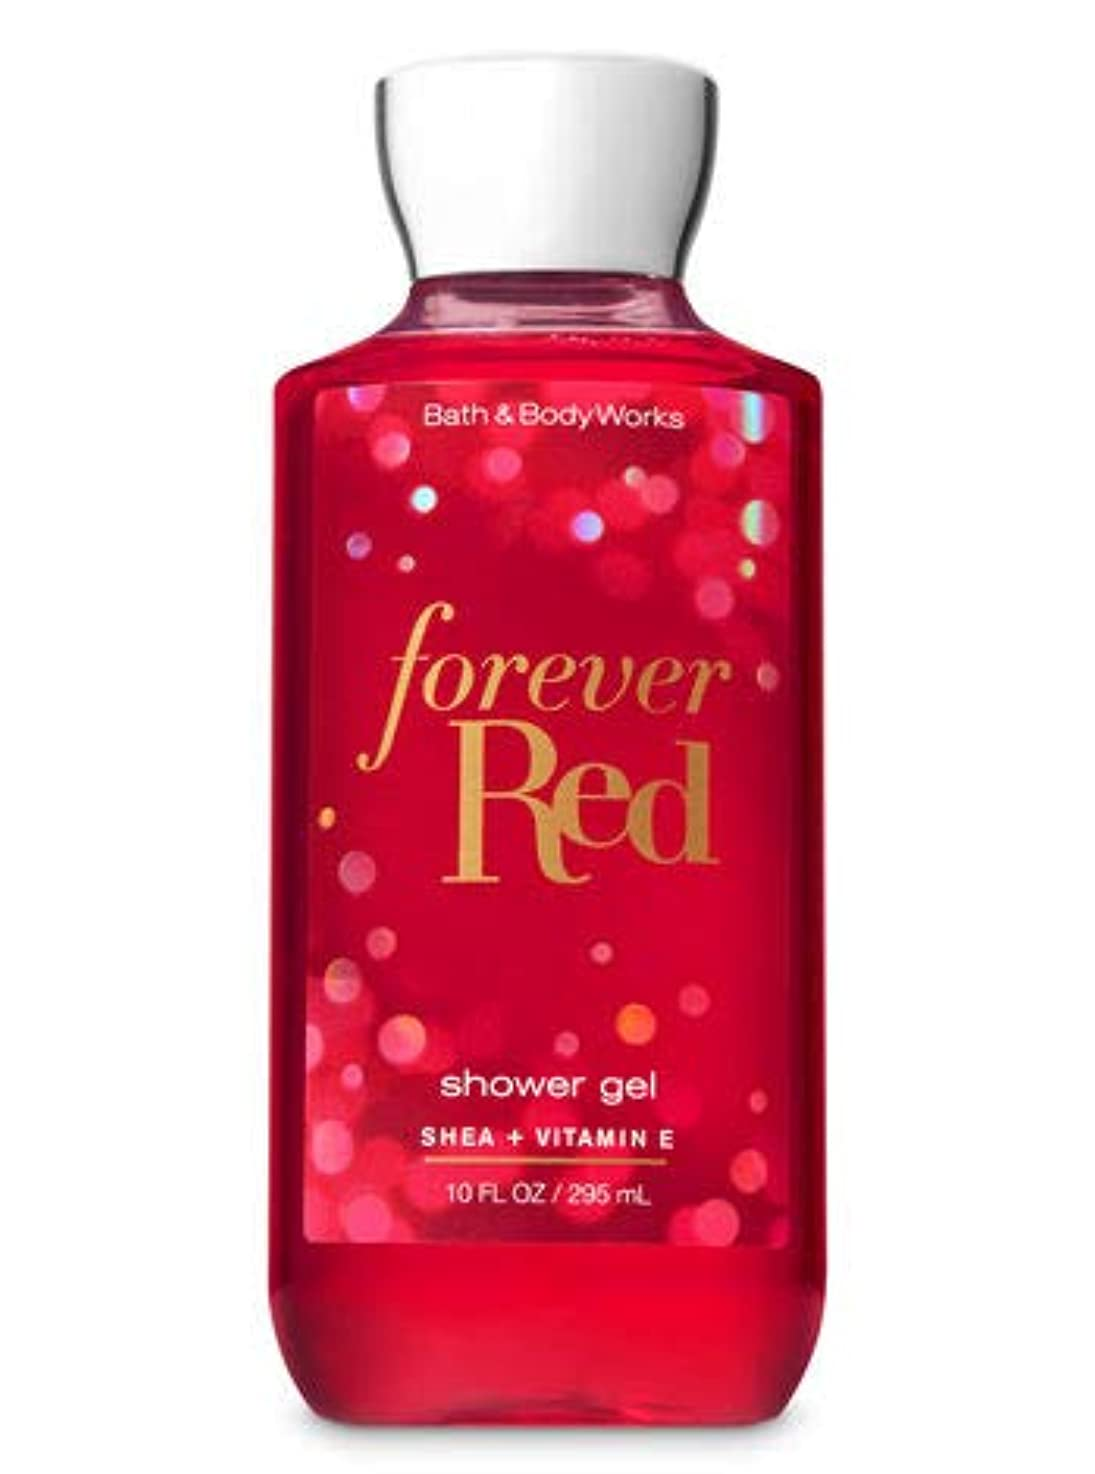 速度ブロンズ馬力【Bath&Body Works/バス&ボディワークス】 シャワージェル フォーエバーレッド Shower Gel Forever Red 10 fl oz / 295 mL [並行輸入品]